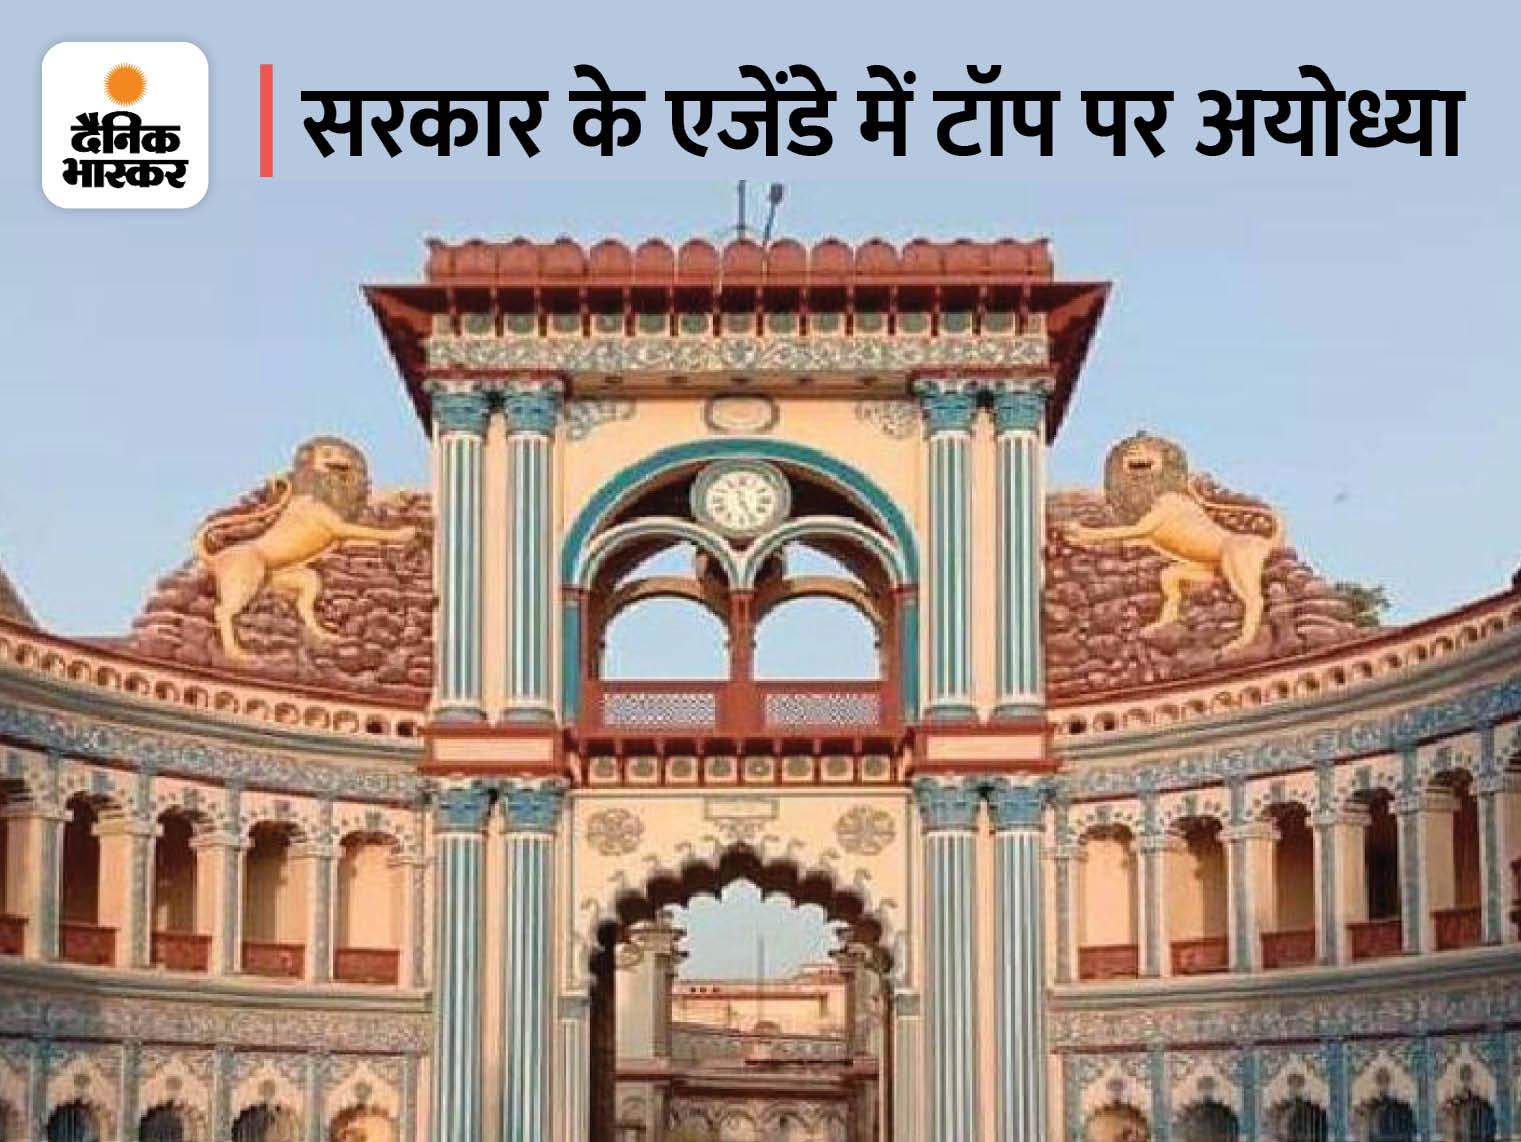 37 ऐतिहासिक मंदिरों को विश्व के पर्यटन मानचित्र पर लाएगी योगी सरकार, 108 कुंड और सरोवरों का भी होगा विकास; केंद्र को भेजा प्रस्ताव अयोध्या (फैजाबाद),Ayodhya (Faizabad) - Dainik Bhaskar